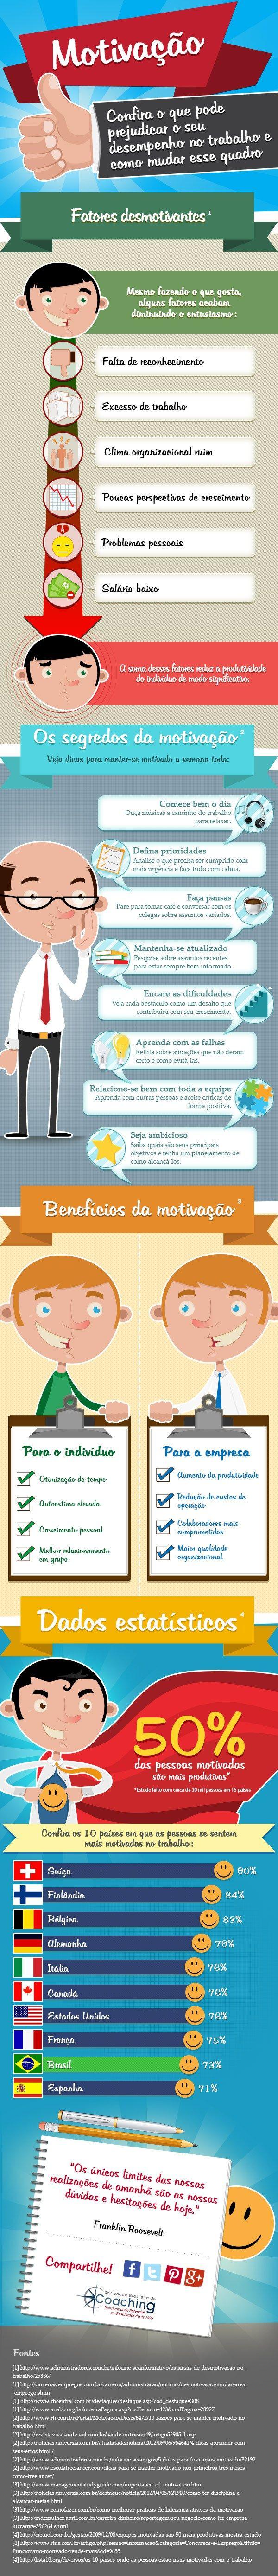 Motivação no trabalho - Confira o infográfico e saiba quais são os segredos para se manter desmotivado